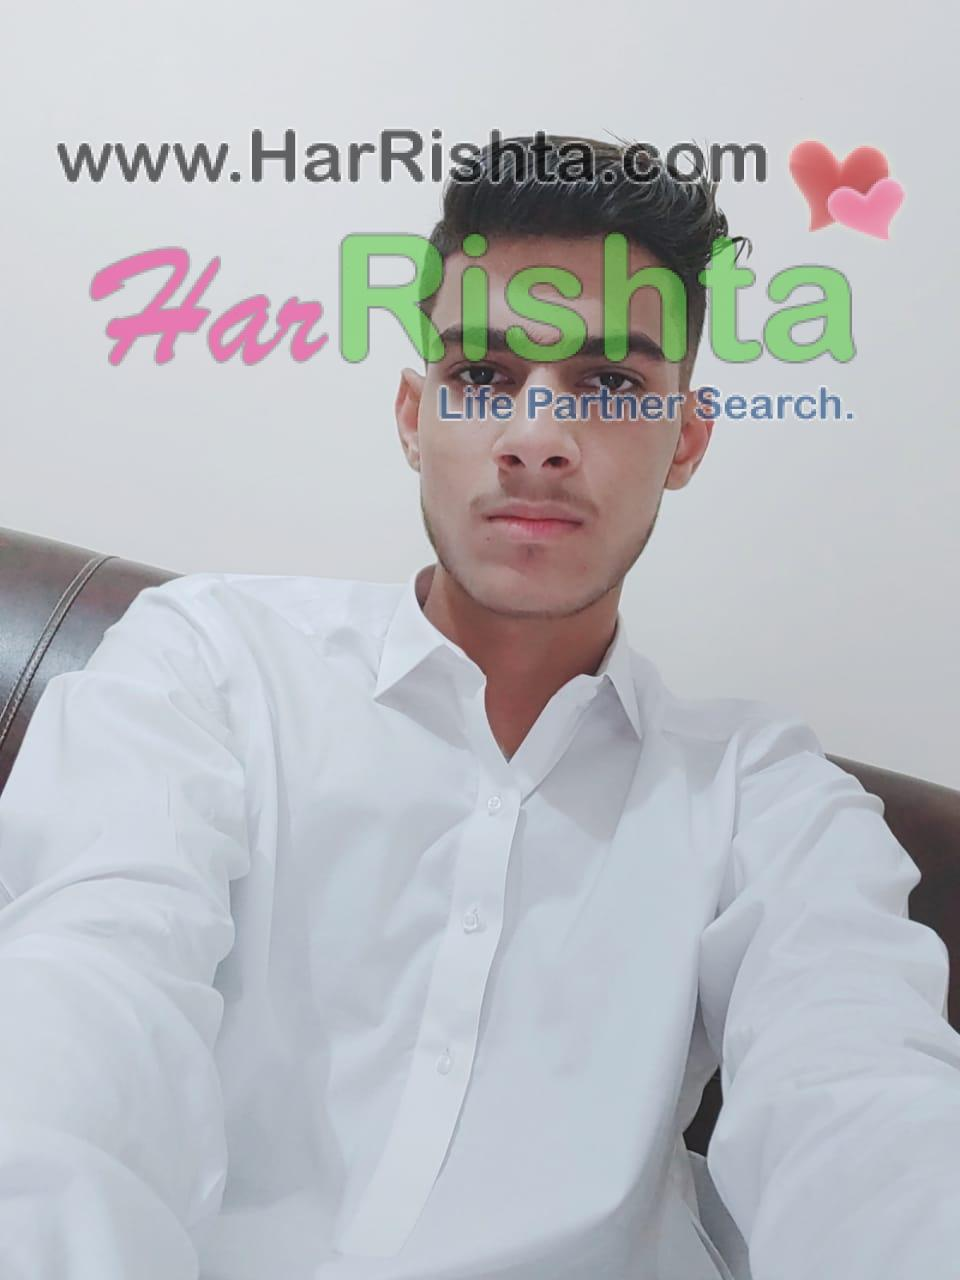 Hasni Boy Rishta in Karachi